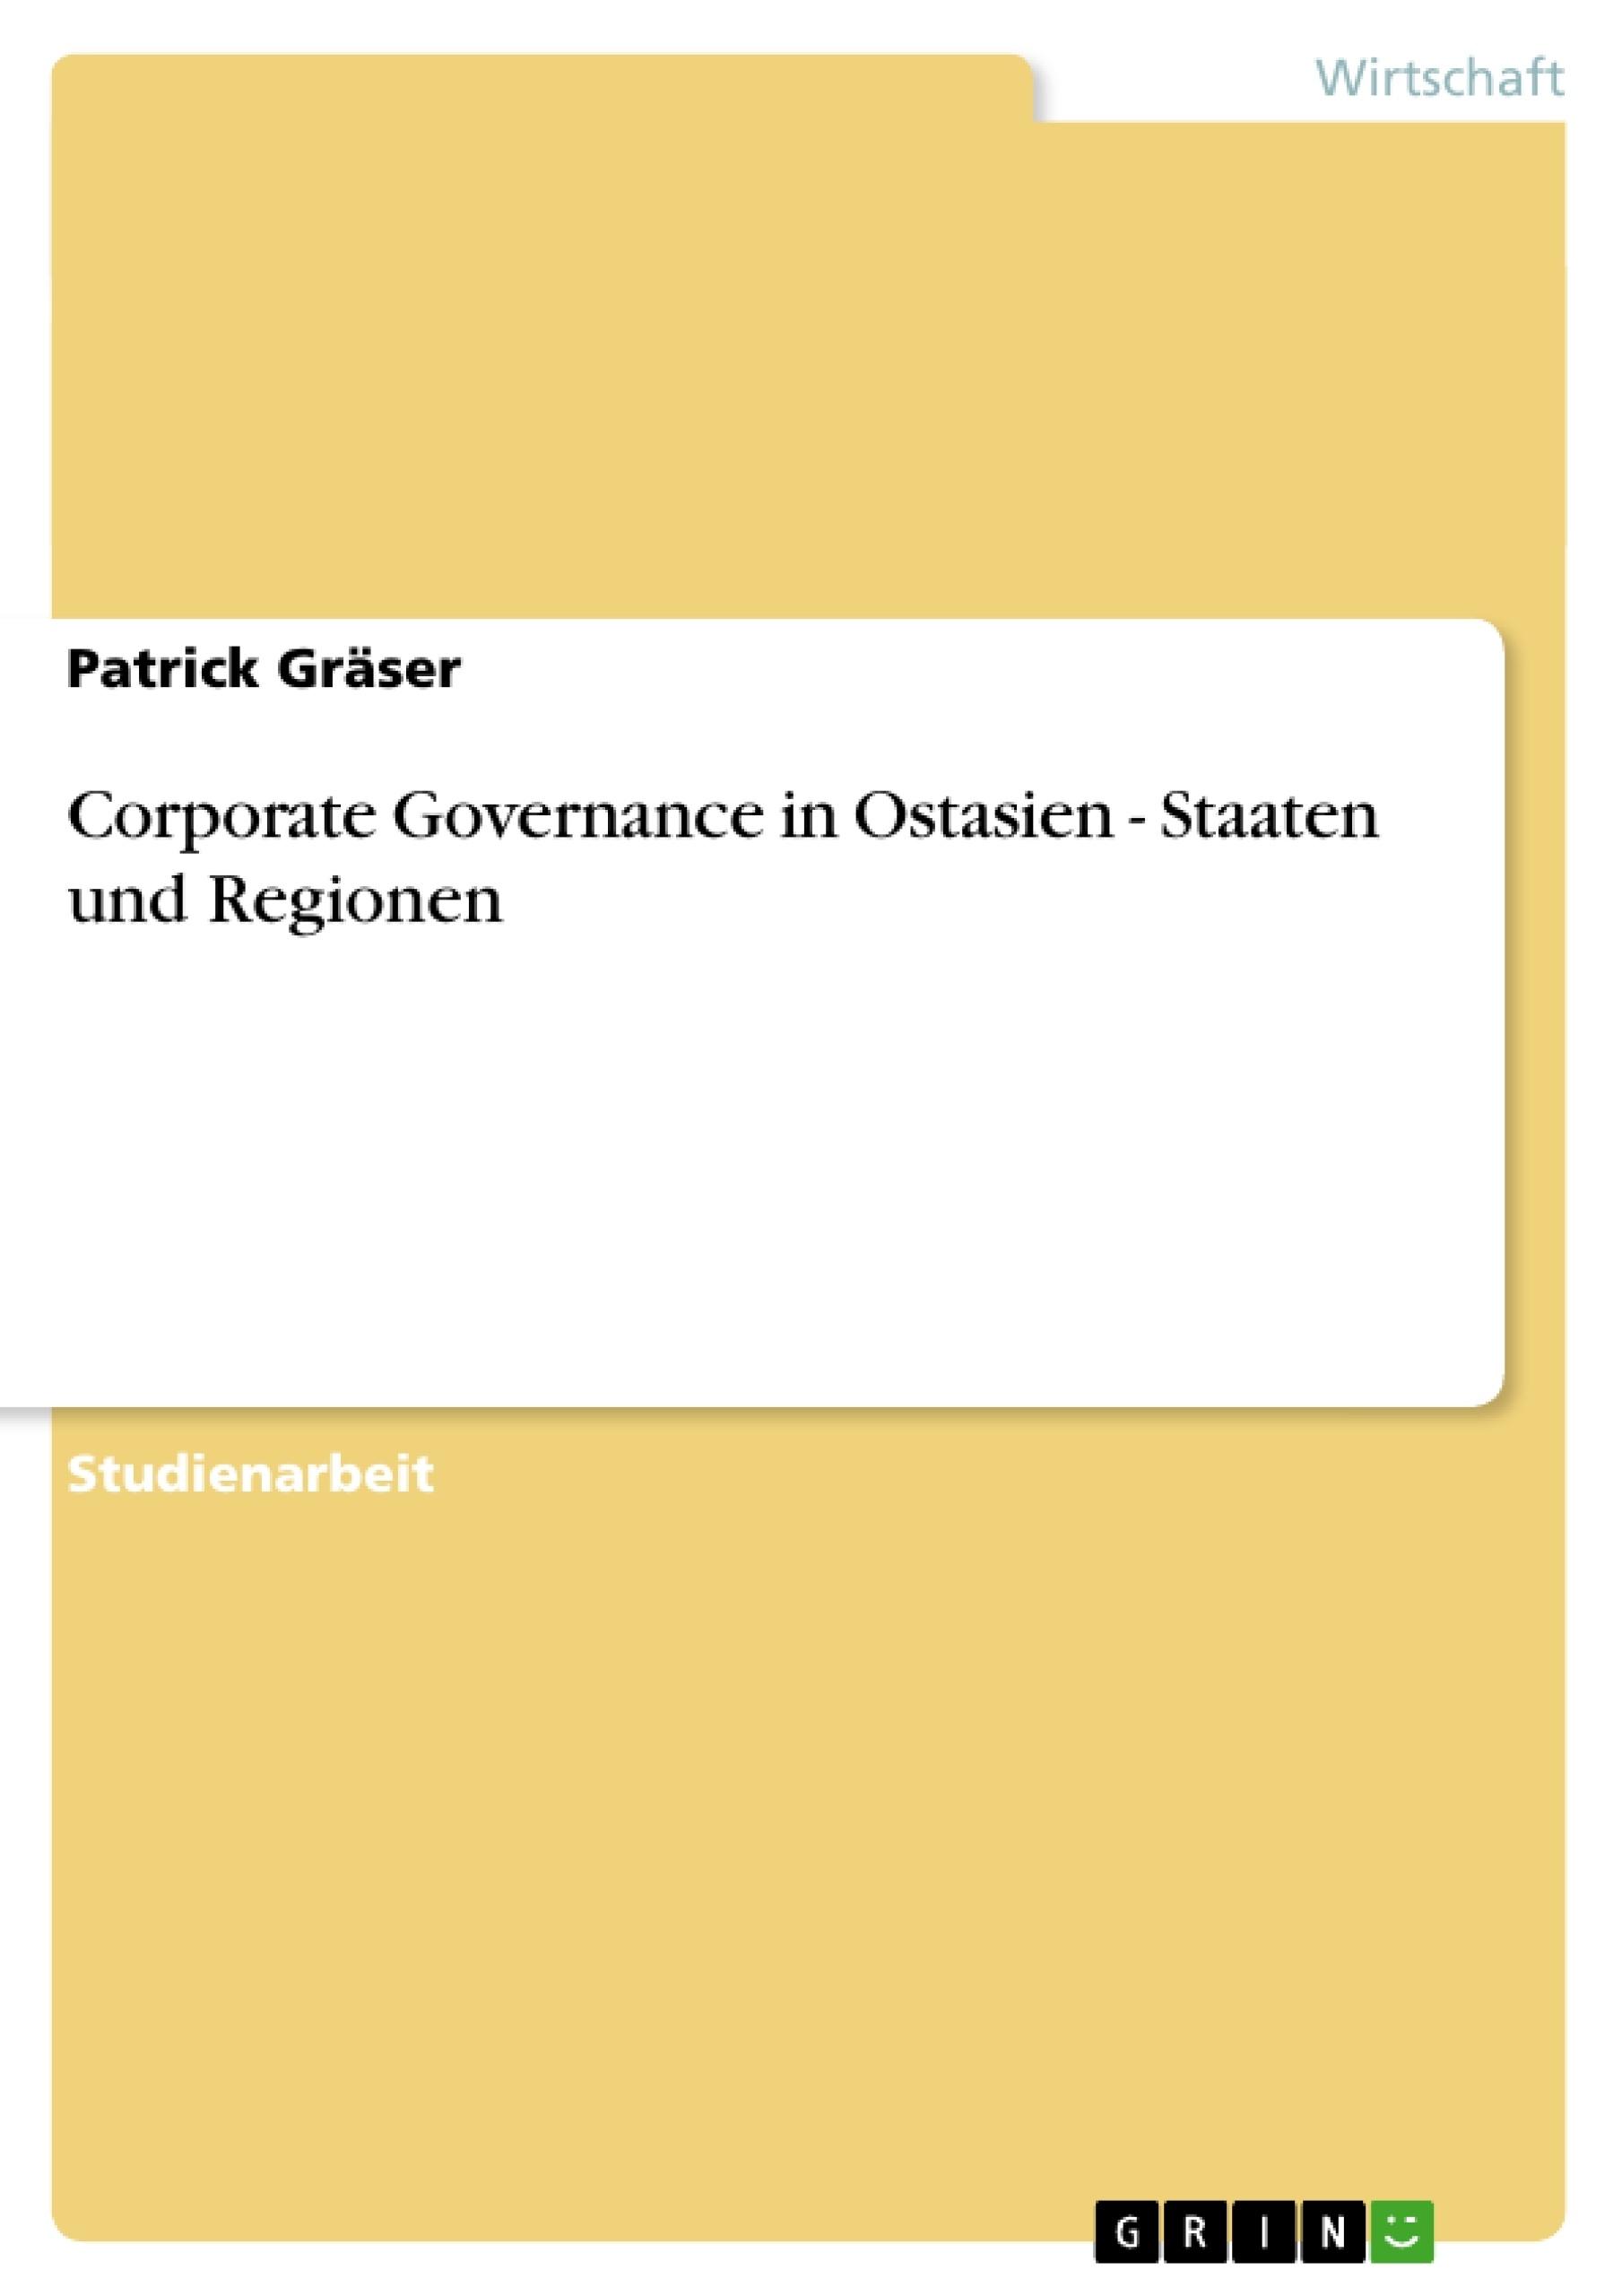 Titel: Corporate Governance in Ostasien - Staaten und Regionen